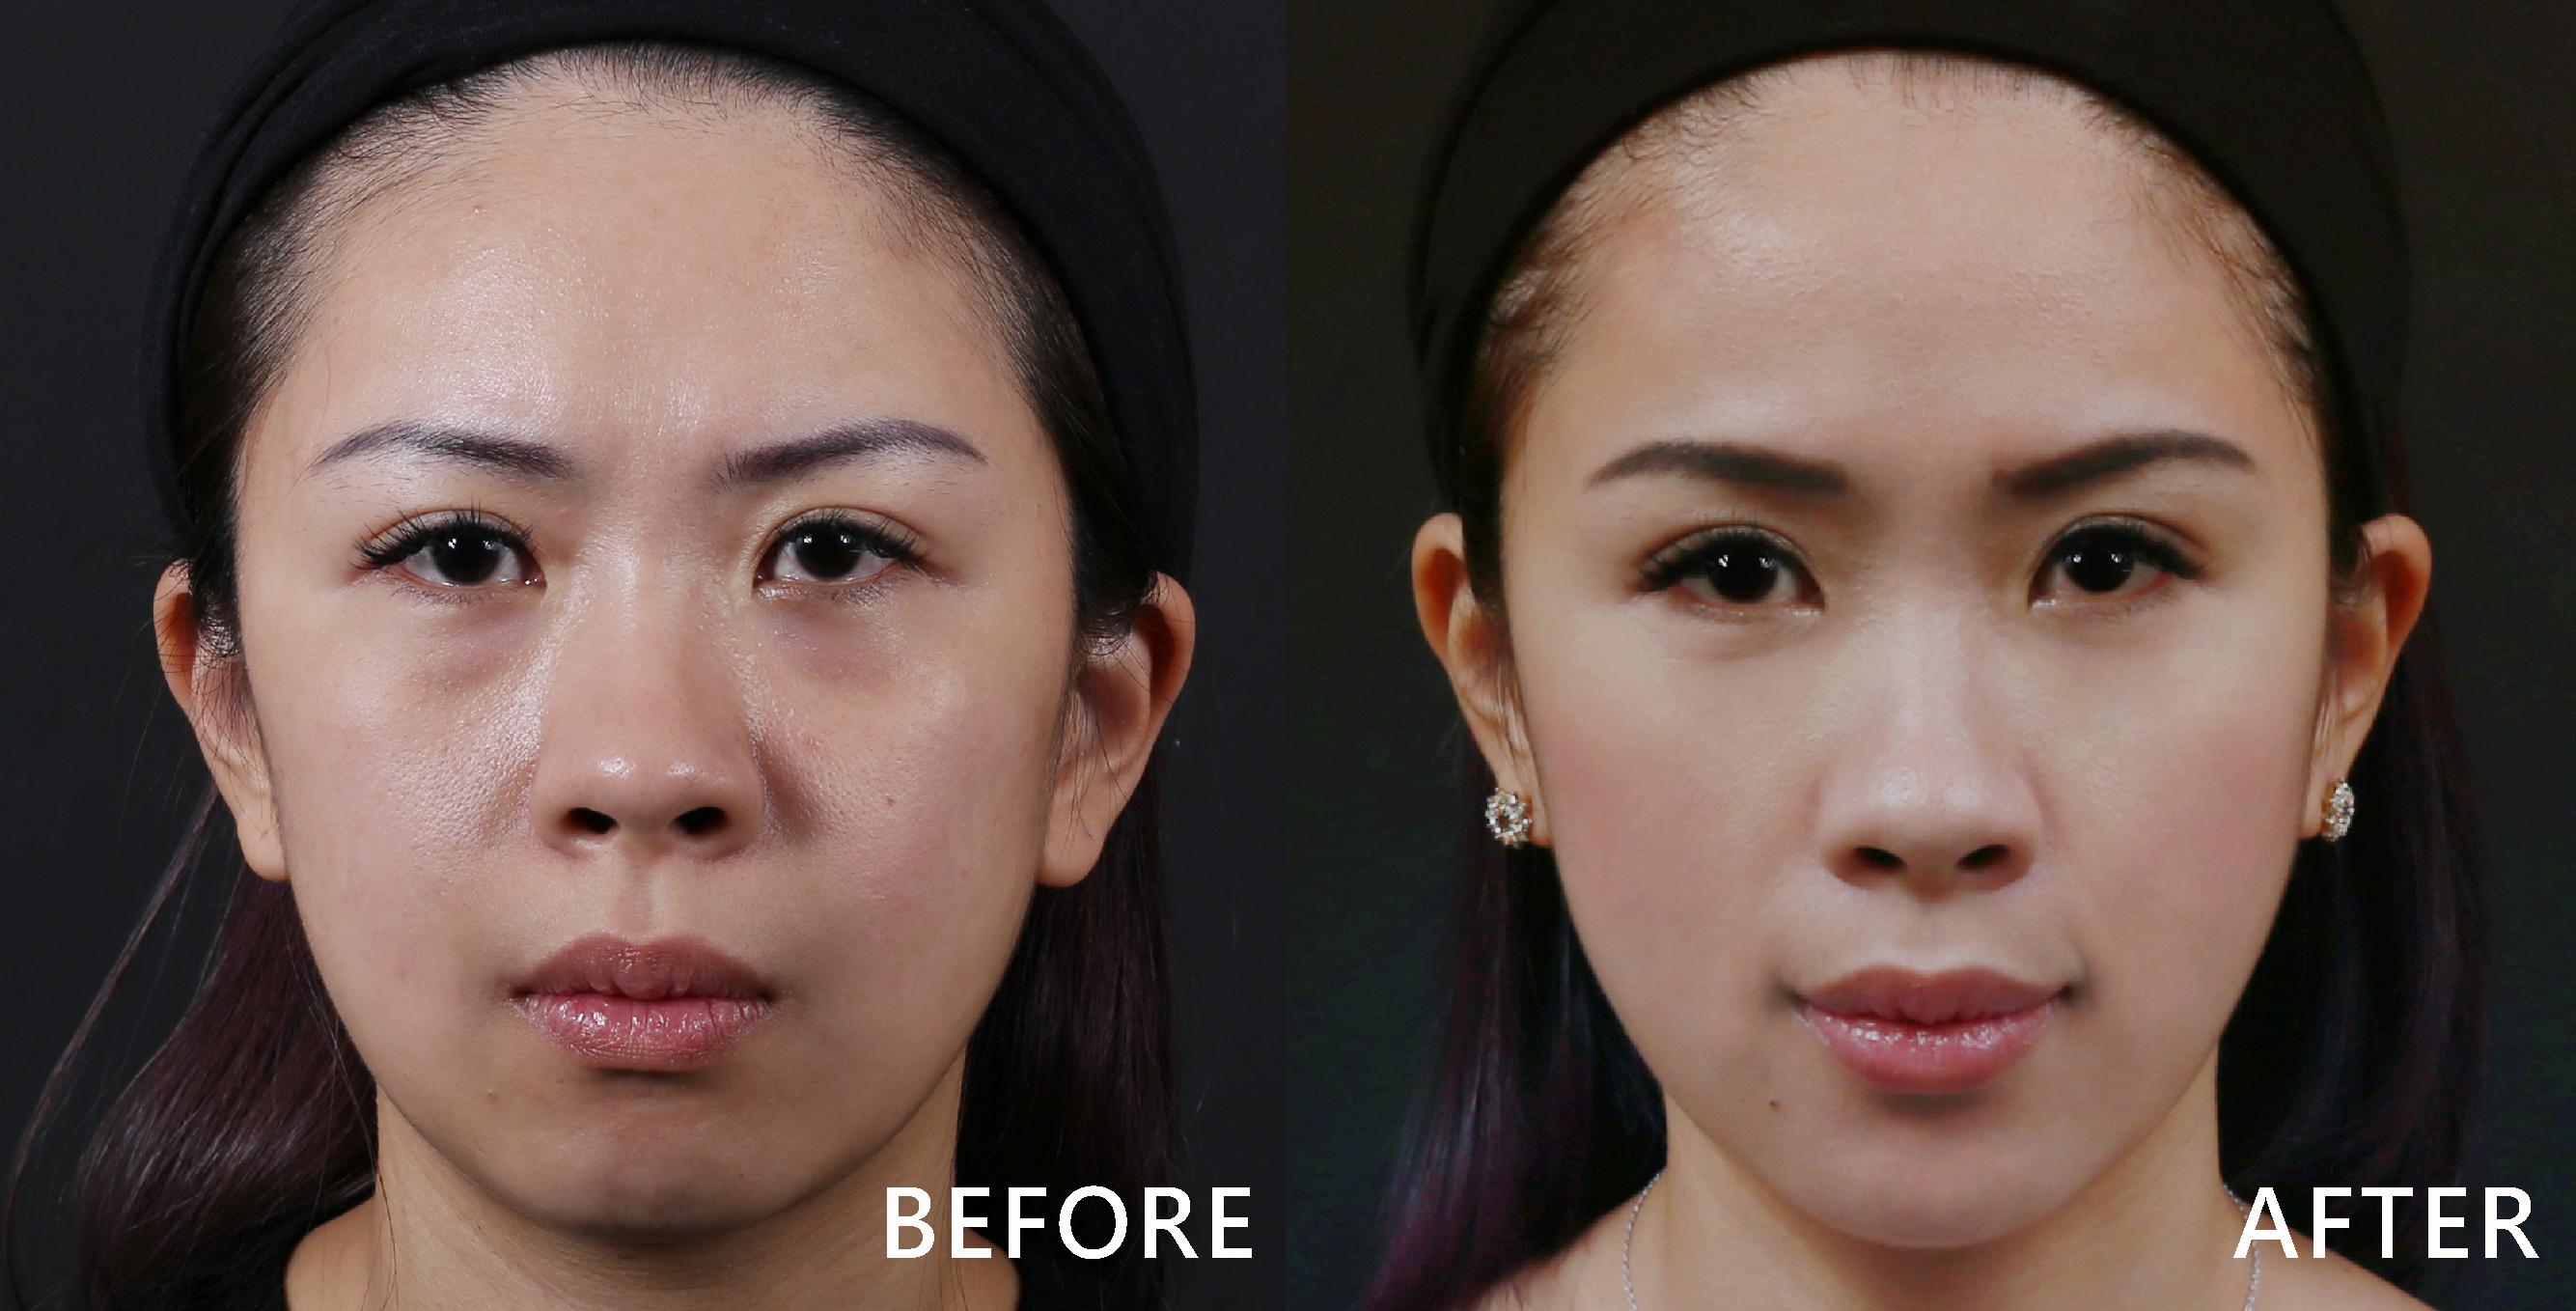 玻尿酸讓護理師的凹陷的臉頰變得豐潤、明顯的淚溝也不見了!(效果因個案而異)